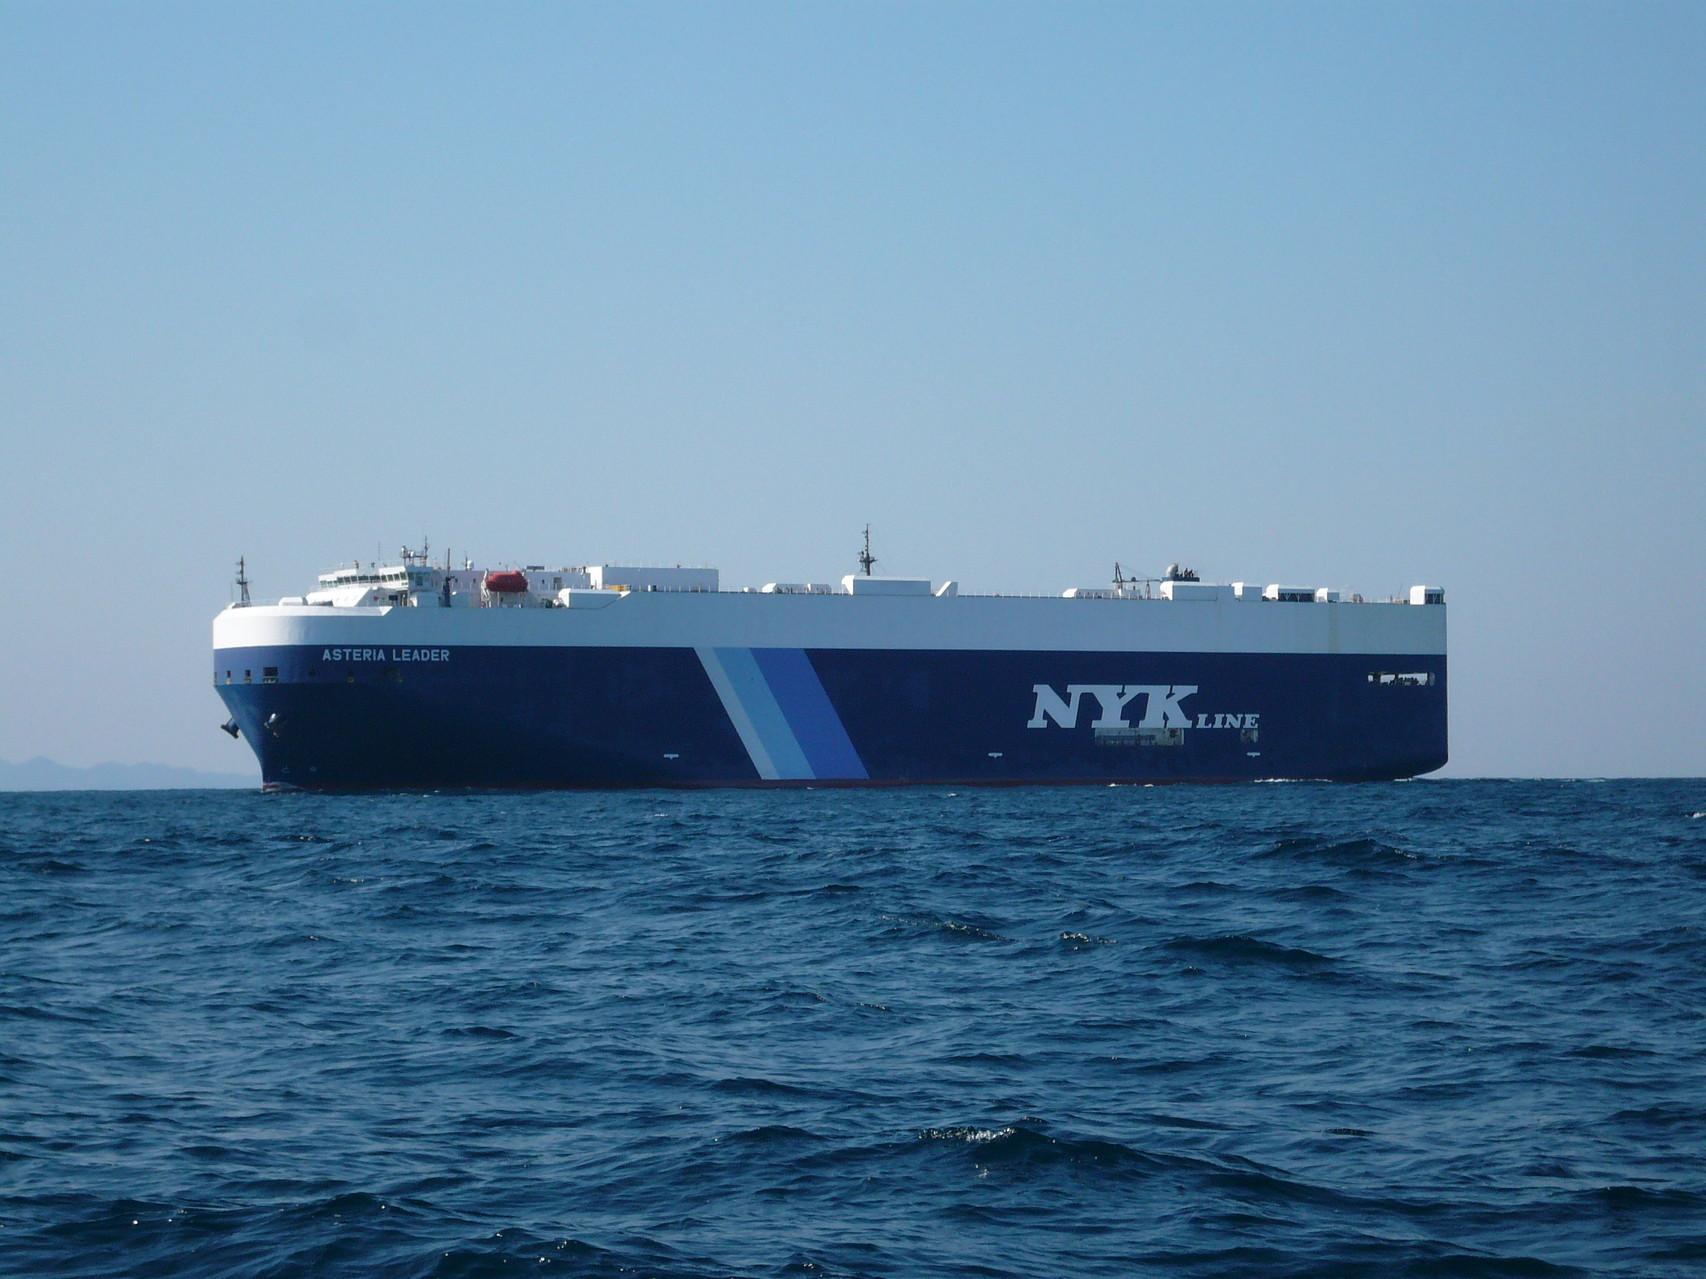 3月22日 初めての外国船 フェリーかな・貨物船かな?